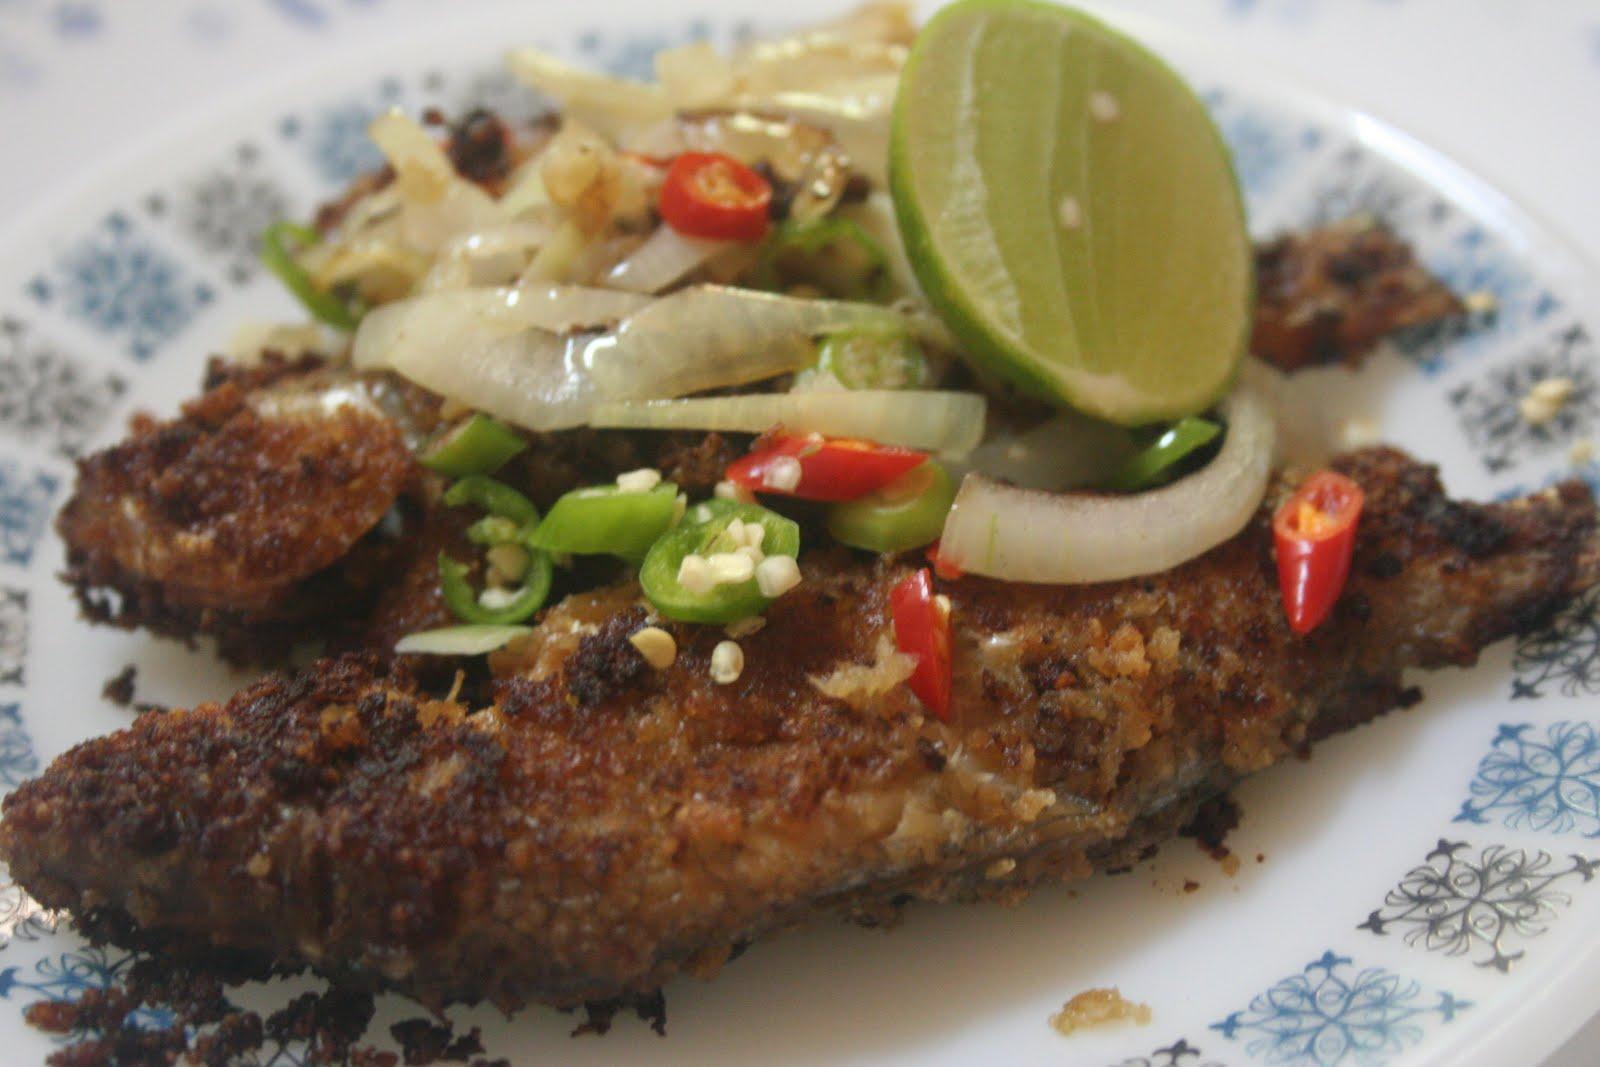 THE MALAYSIAN FOODIES: MAKANAN ISTIMEWA SETIAP NEGERI